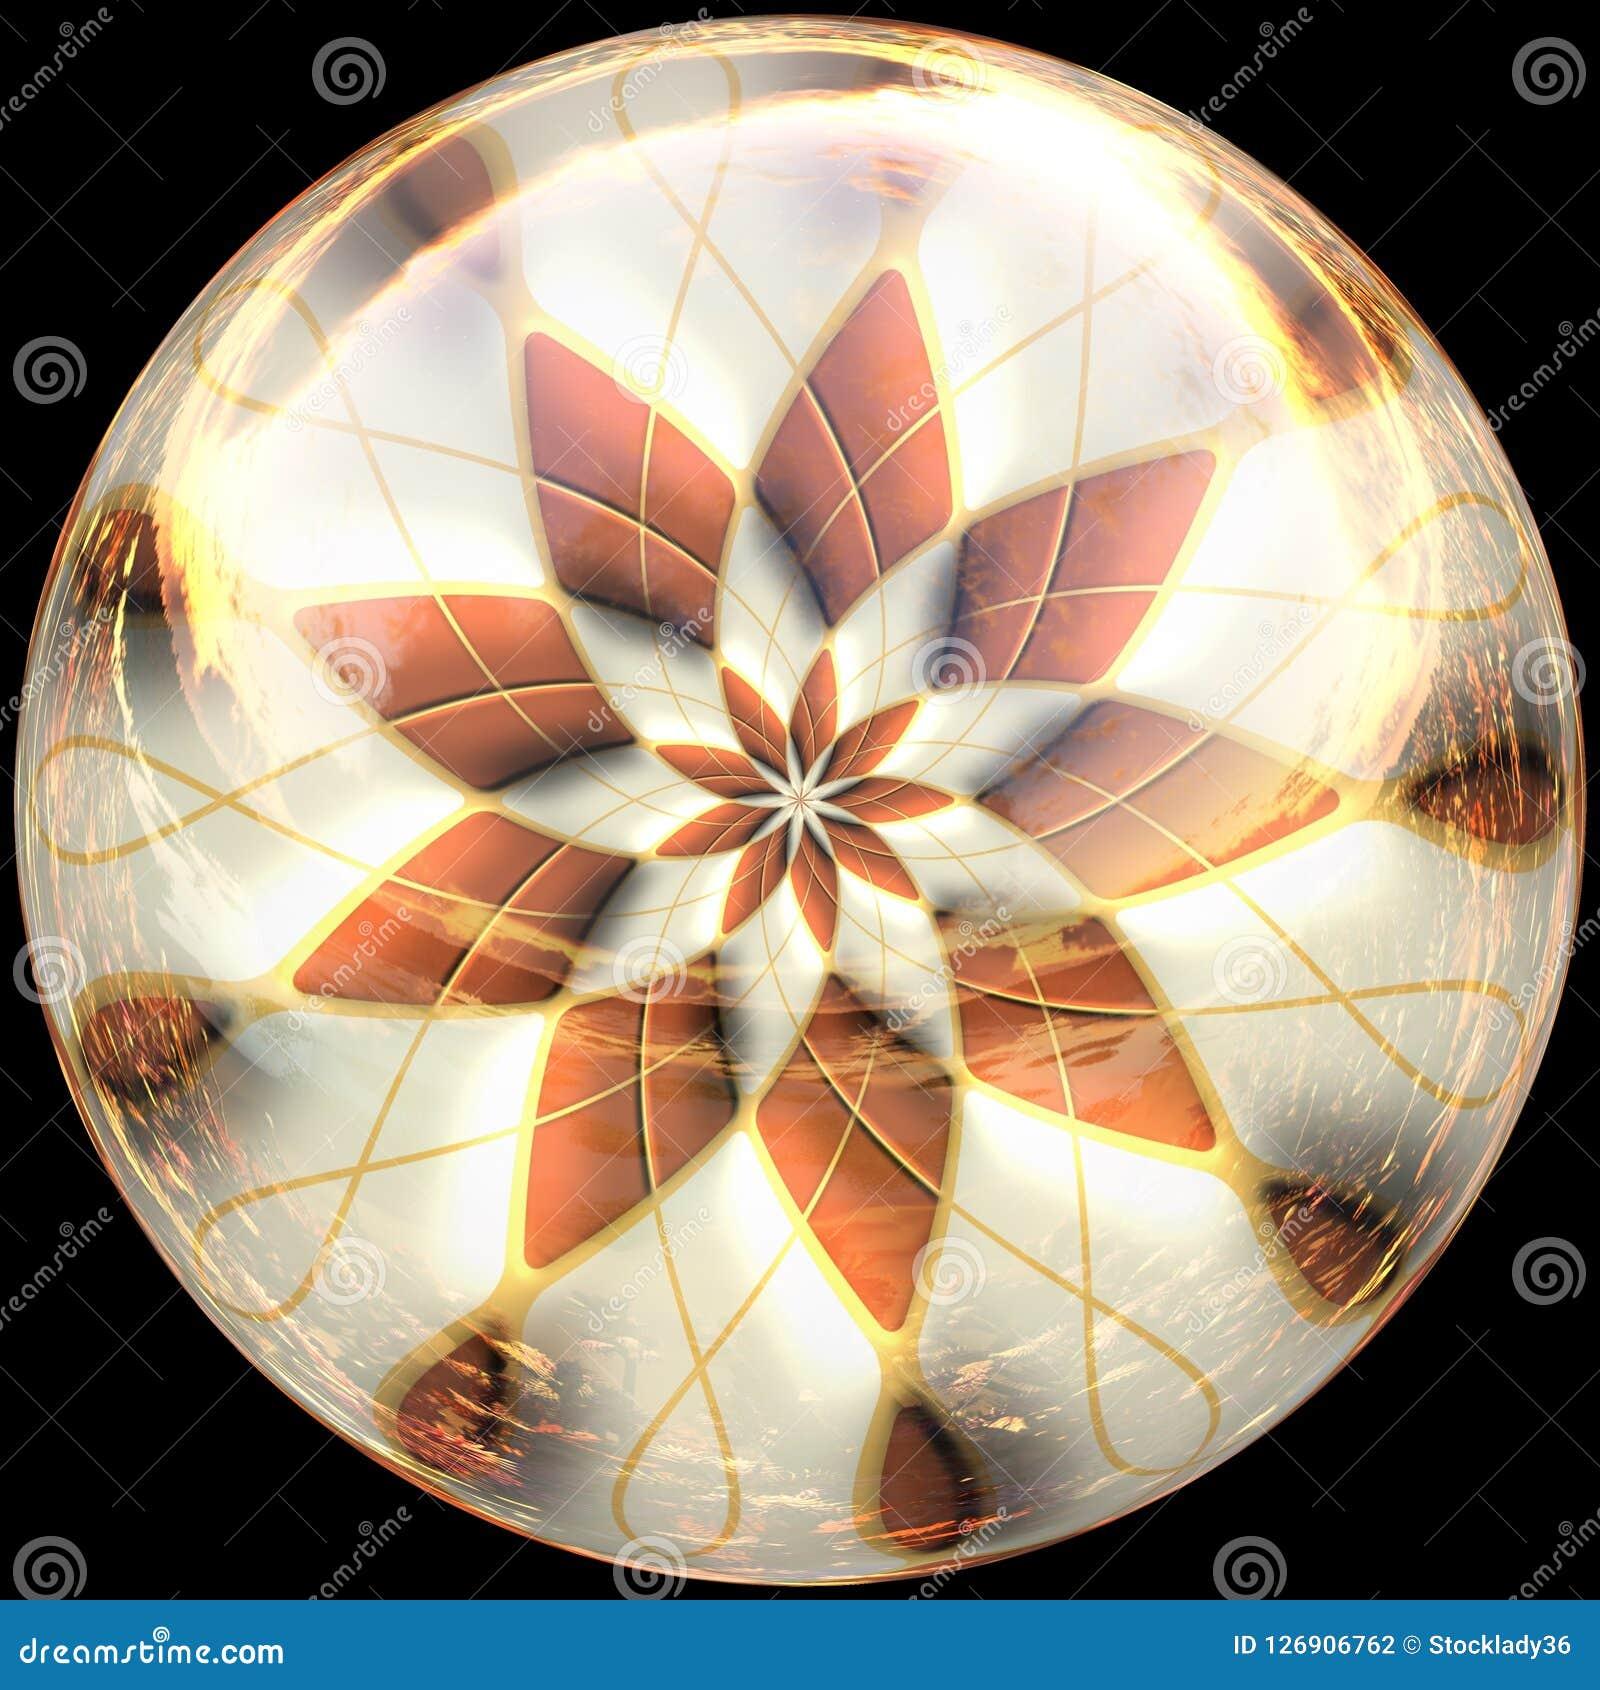 Botón pulido brillante con fractal sumergido